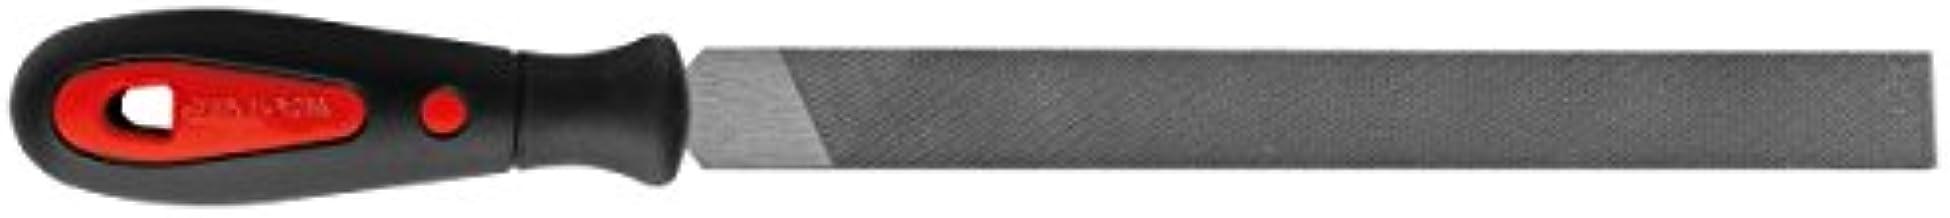 CETA FORM Holesaws (HSS Bi-Metal) Size 35 x 1-3/8 x 50mm